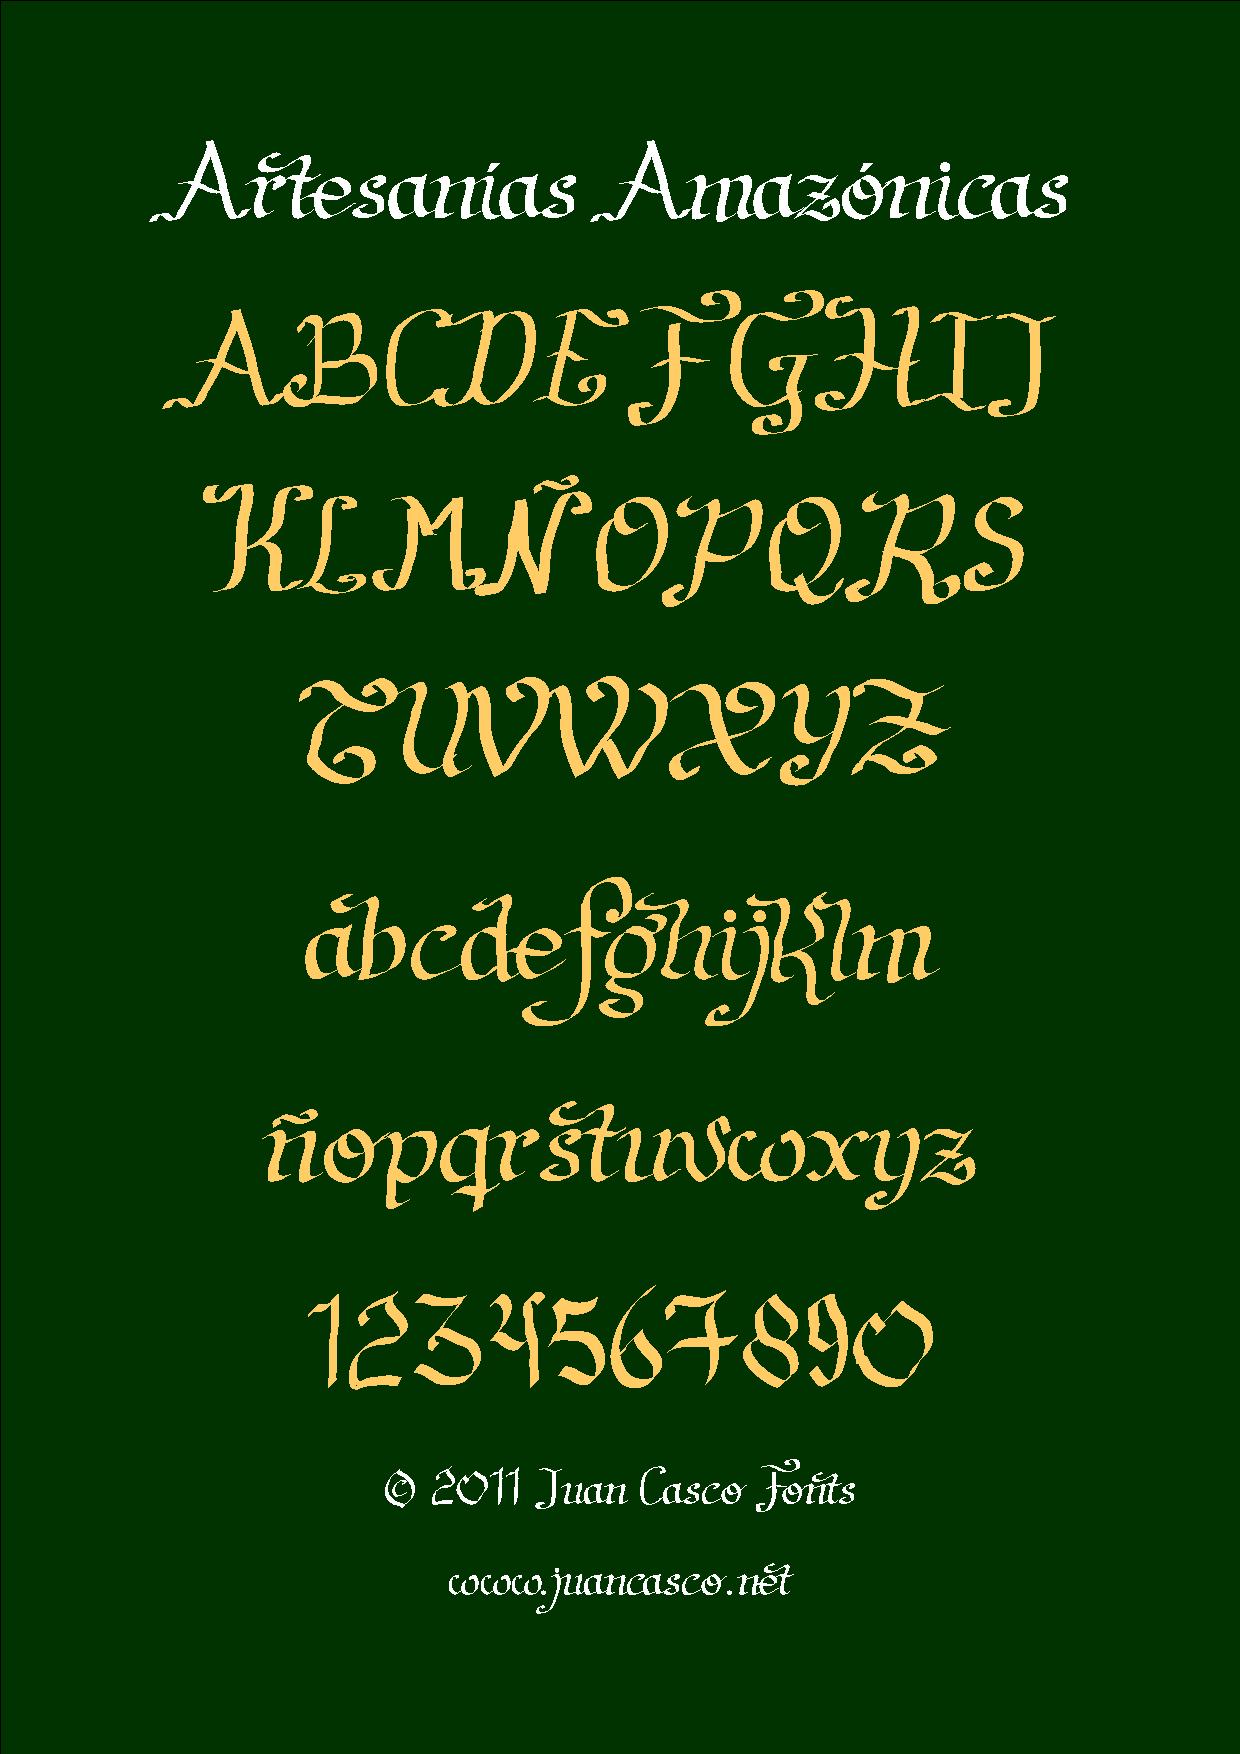 Artesanias font